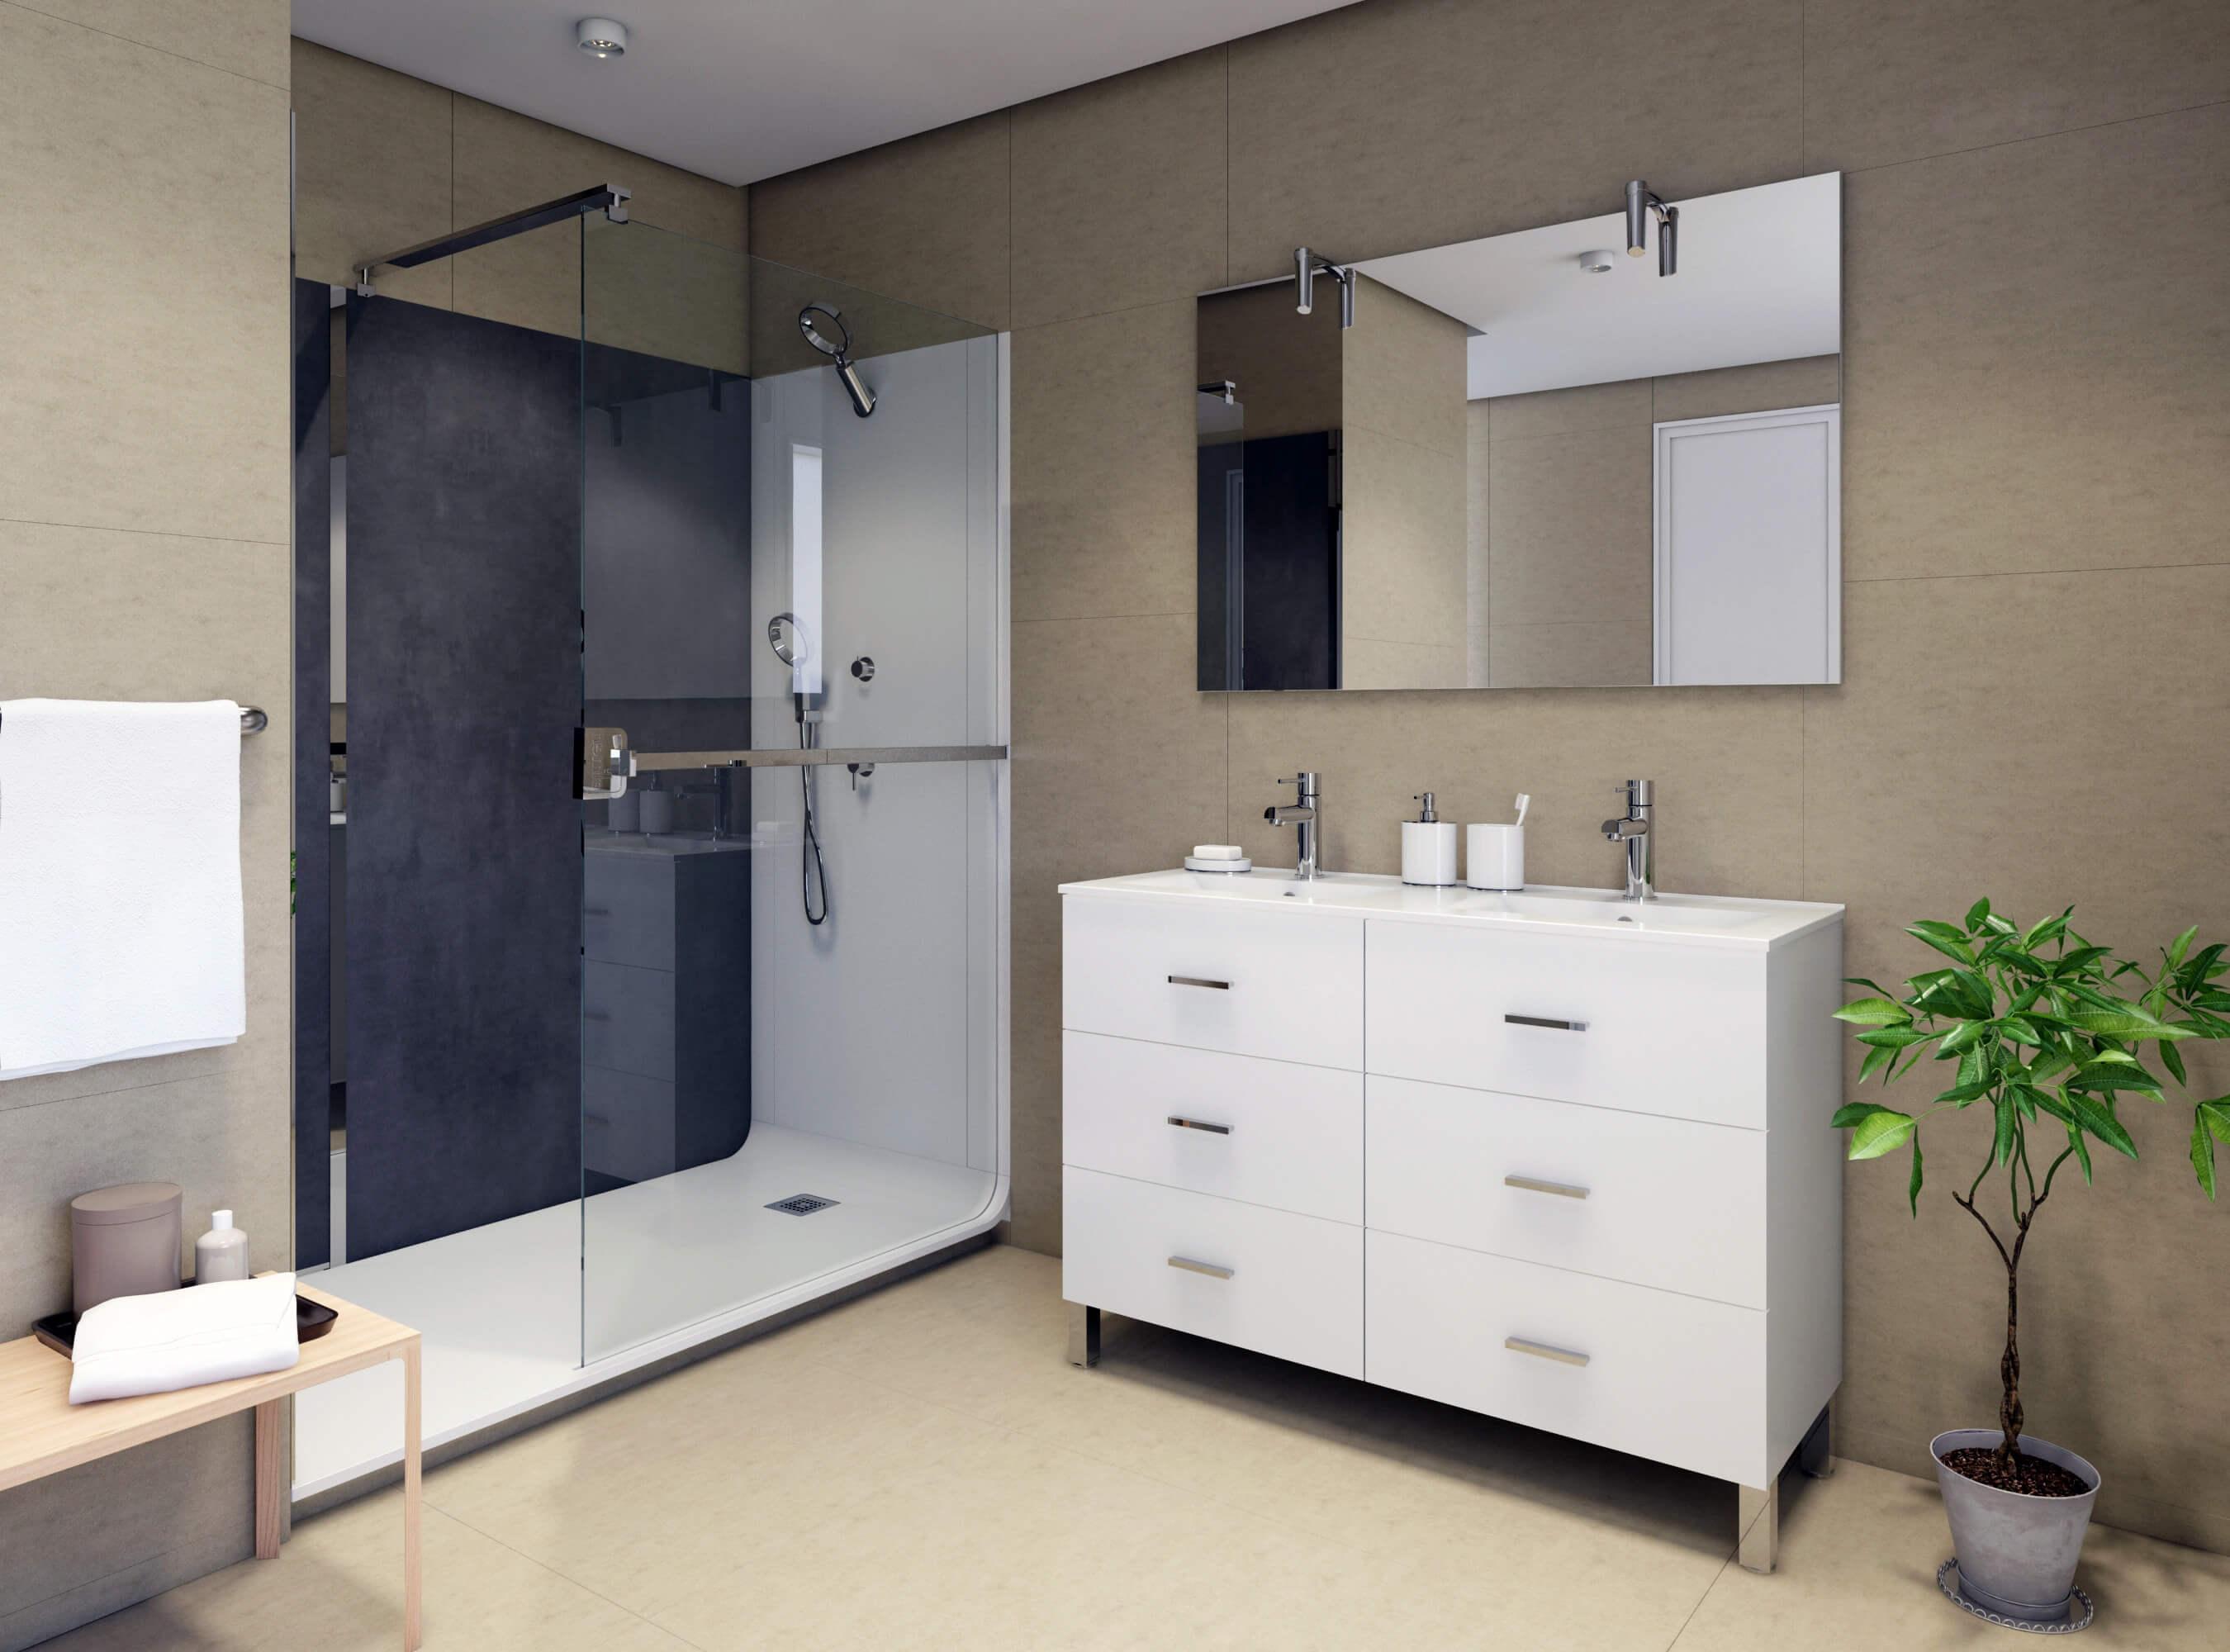 prise de vue 3D de mobilier pour salle de bain